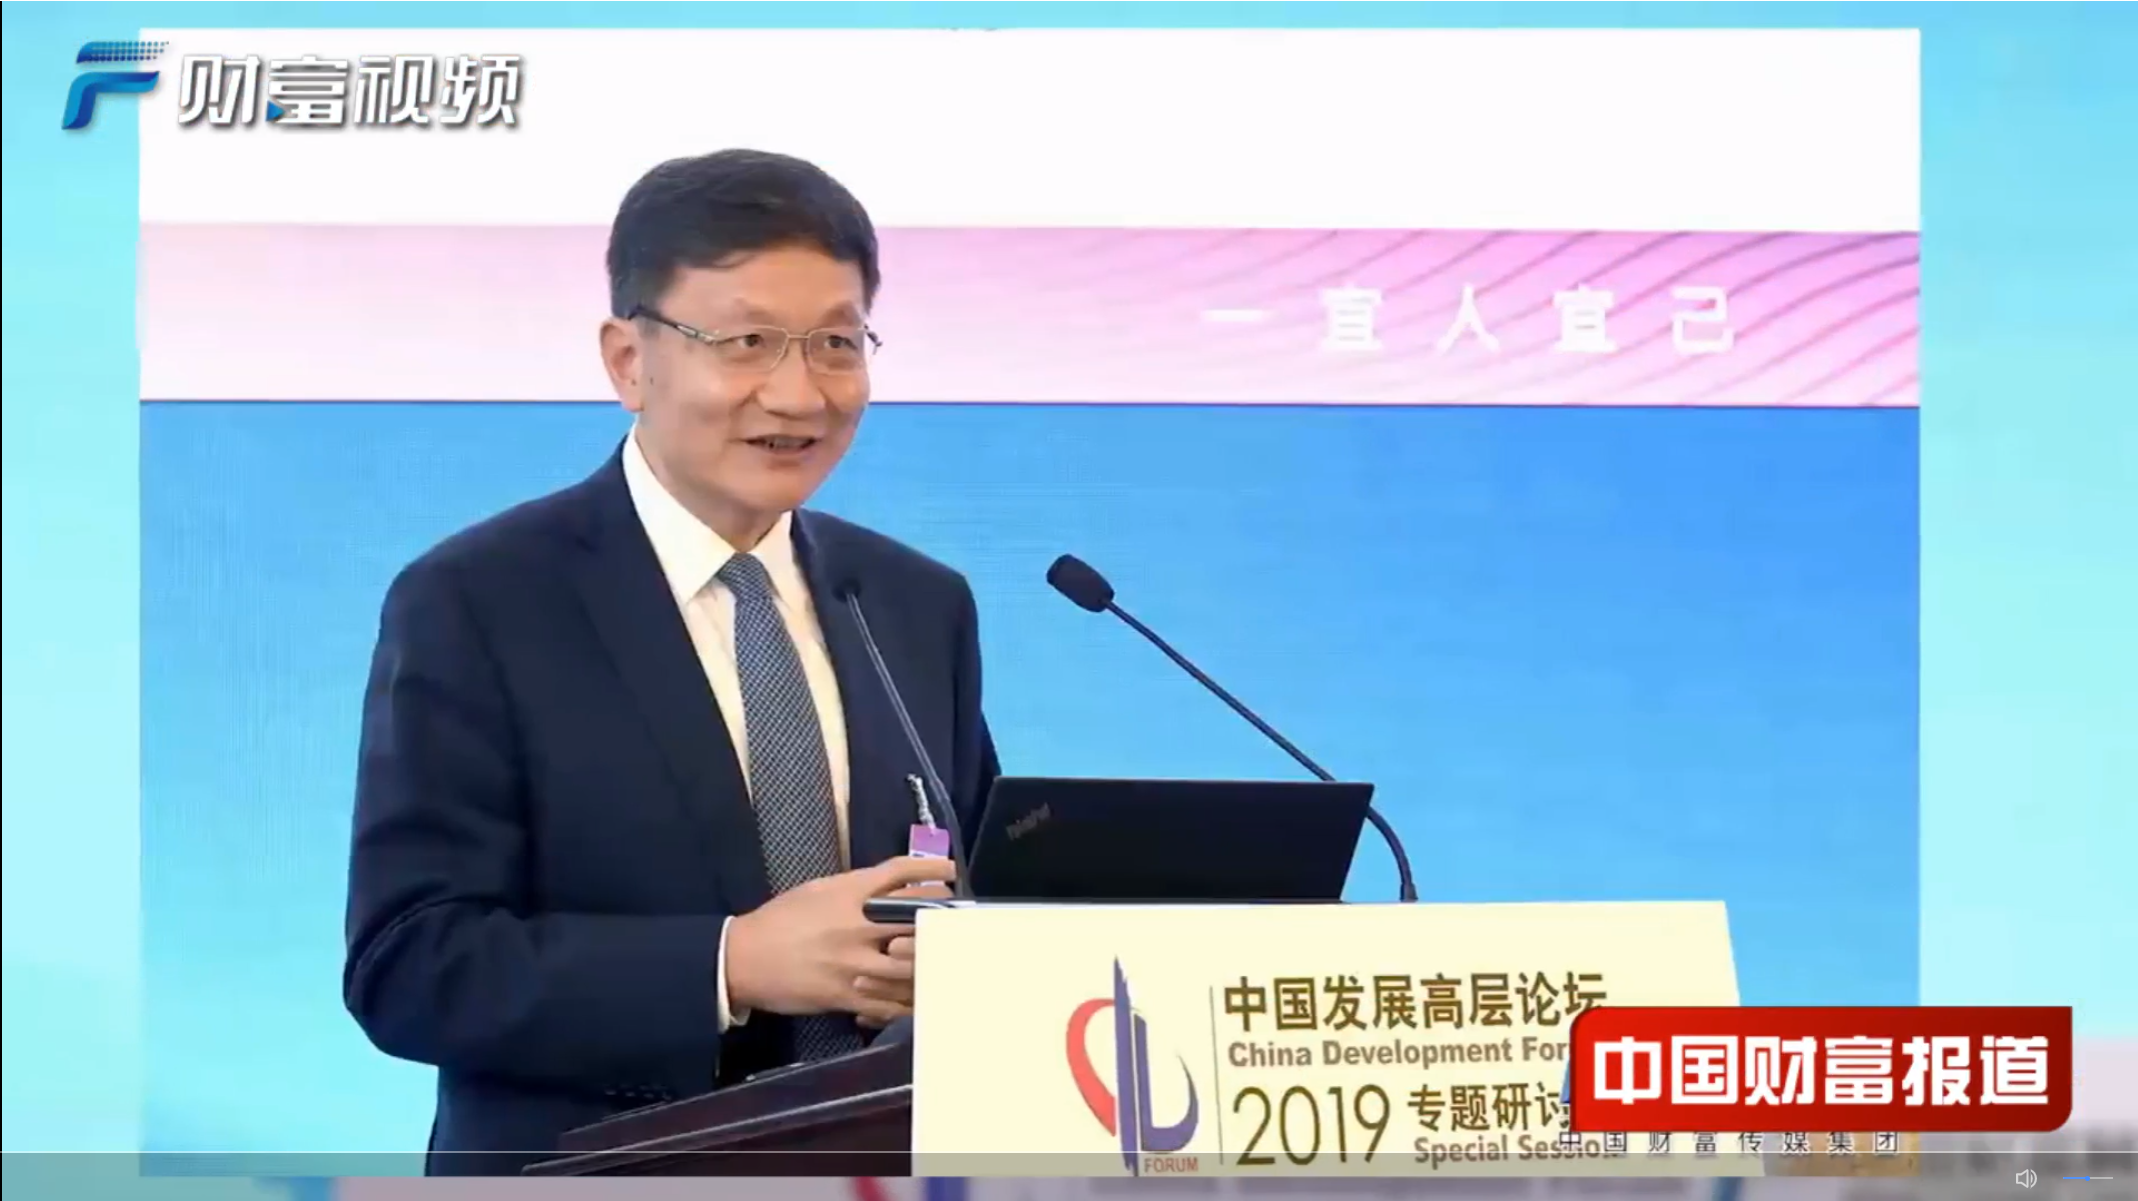 【中国财富报道】唐宁:资本怎样才能强势助力科技创新?